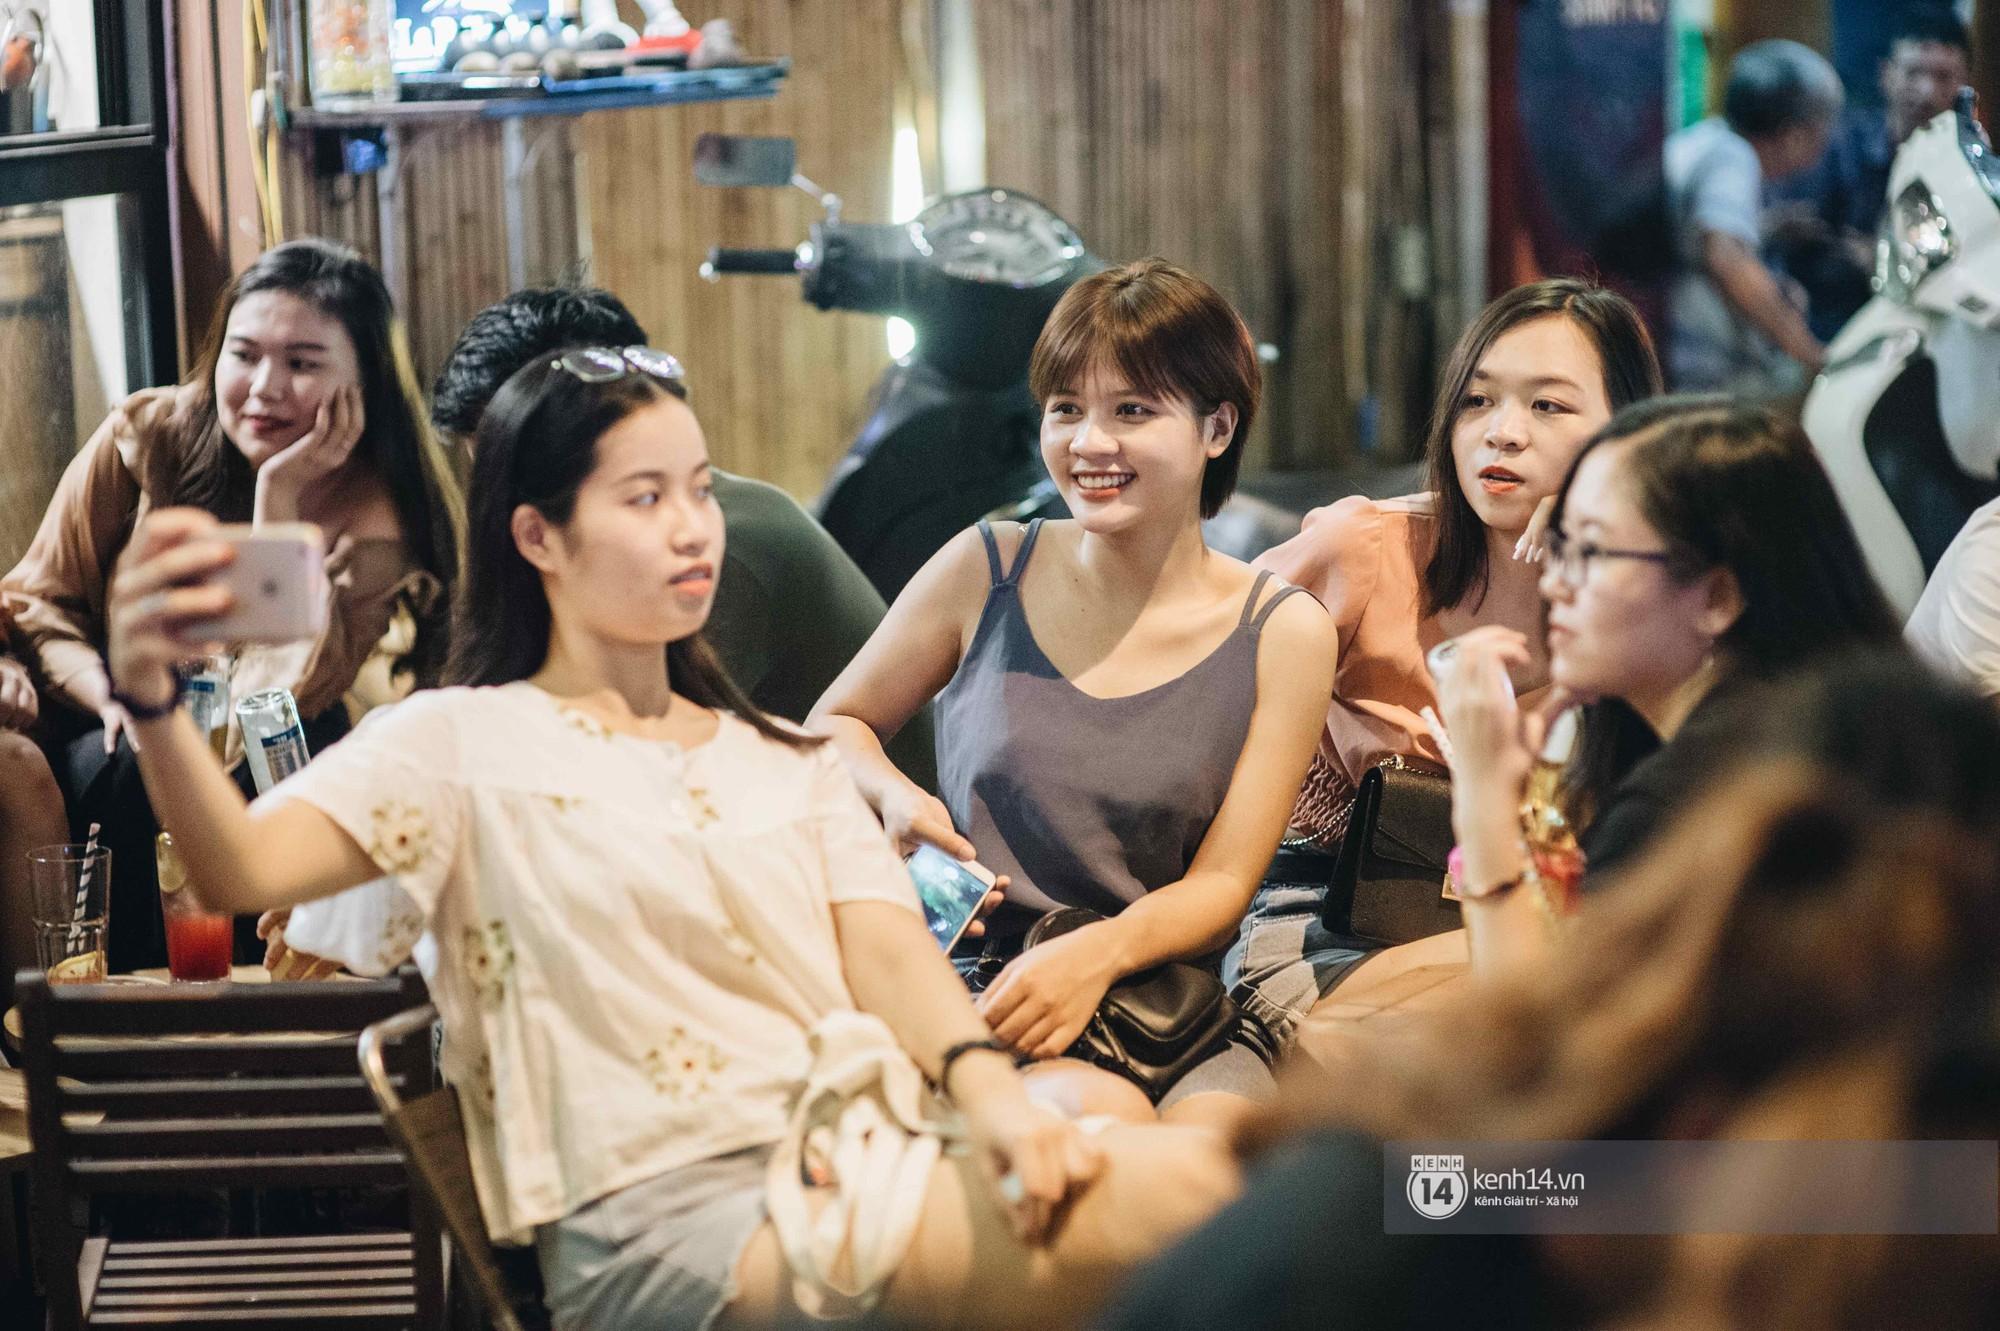 VZN News: Giới trẻ Hà Nội đổ xô đi thử bia úp ngược: chật kín chỗ, nhiều khách phải ngậm ngùi đi về - Ảnh 10.